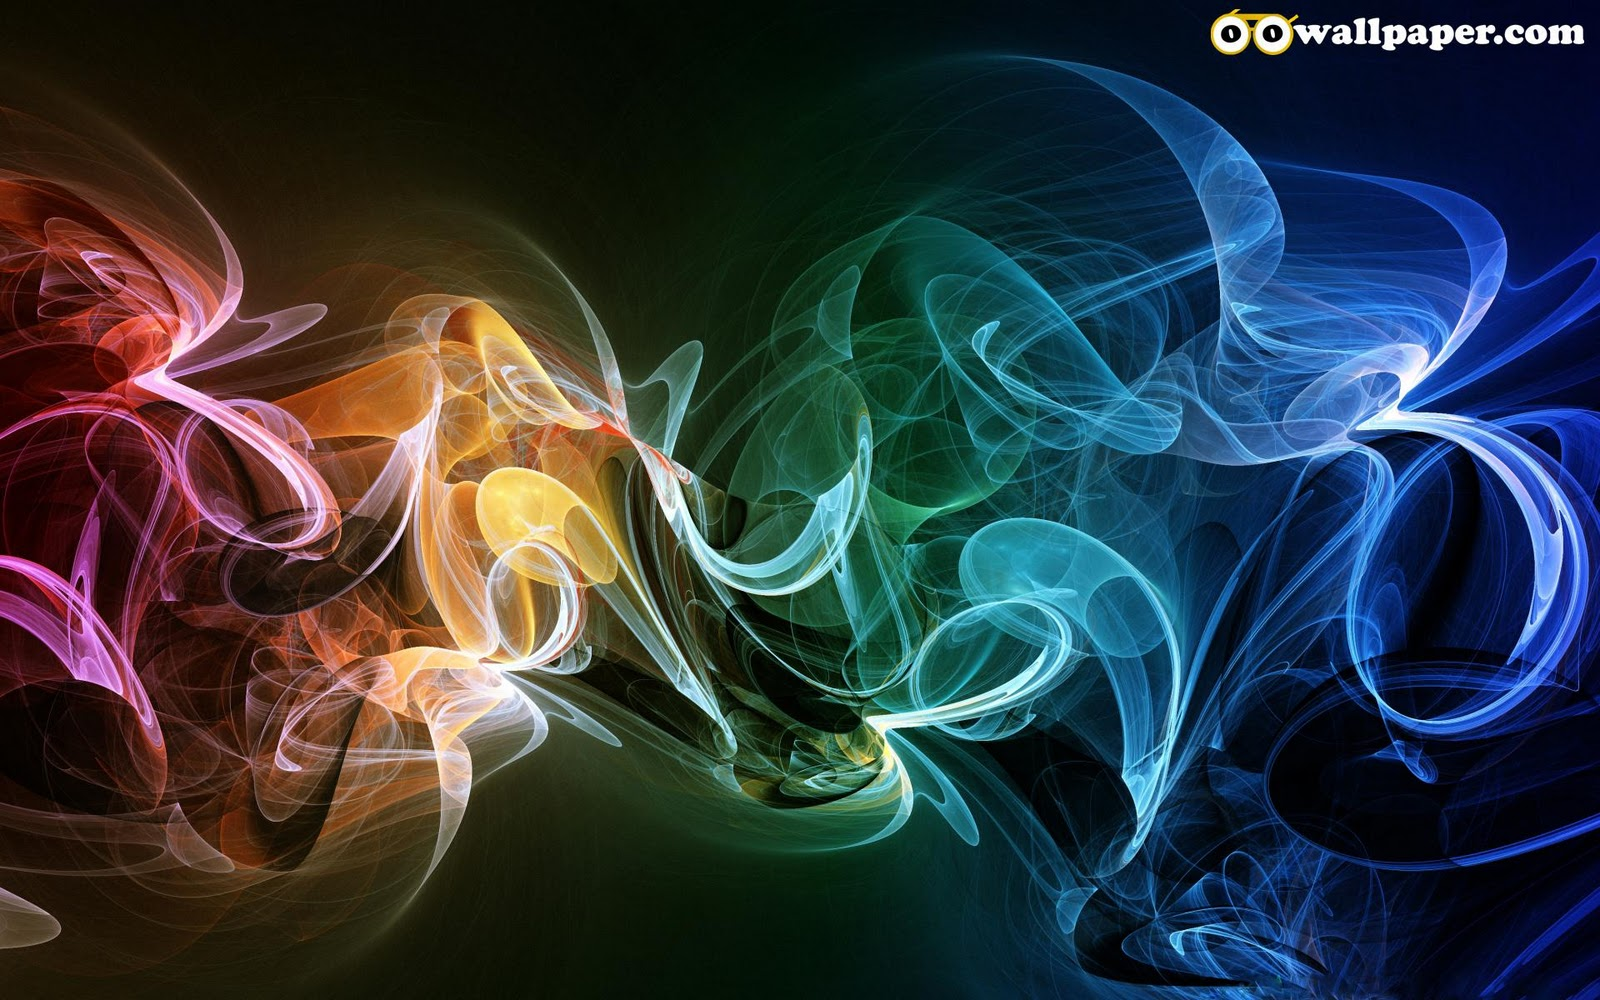 http://1.bp.blogspot.com/-hm-UPBU7qqI/Twm6v99YSbI/AAAAAAAAA8M/kNZ72kWfu-g/s1600/oo_Colorful+06.jpg